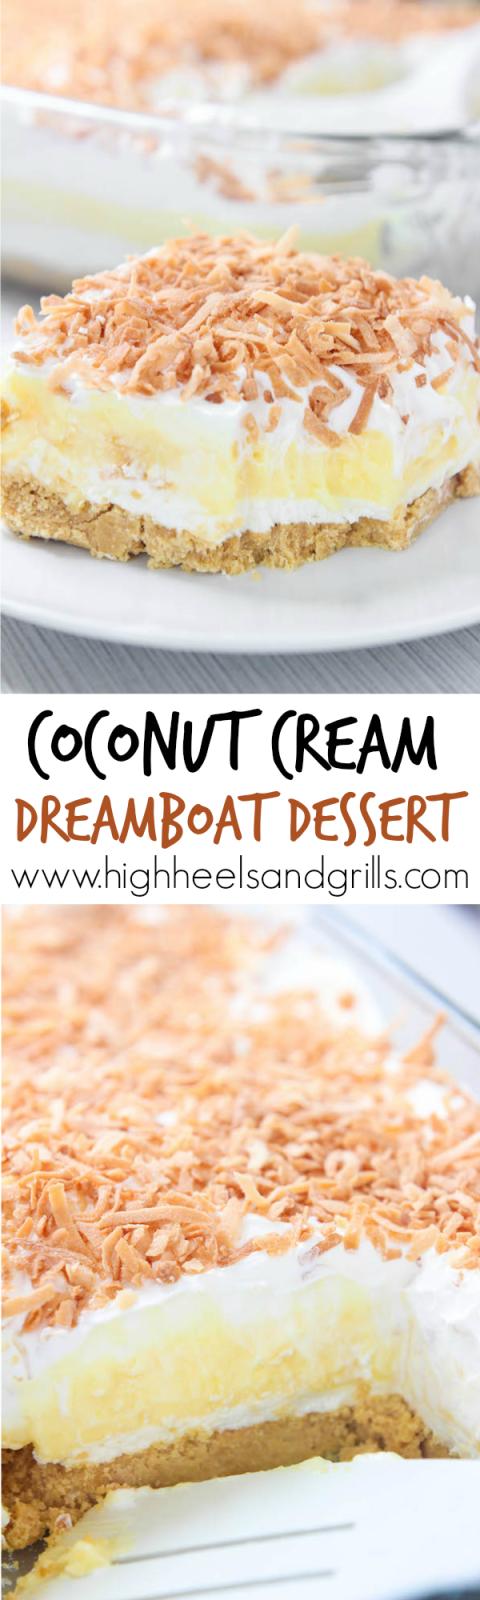 Coconut Cream Dreamboat Dessert Collage